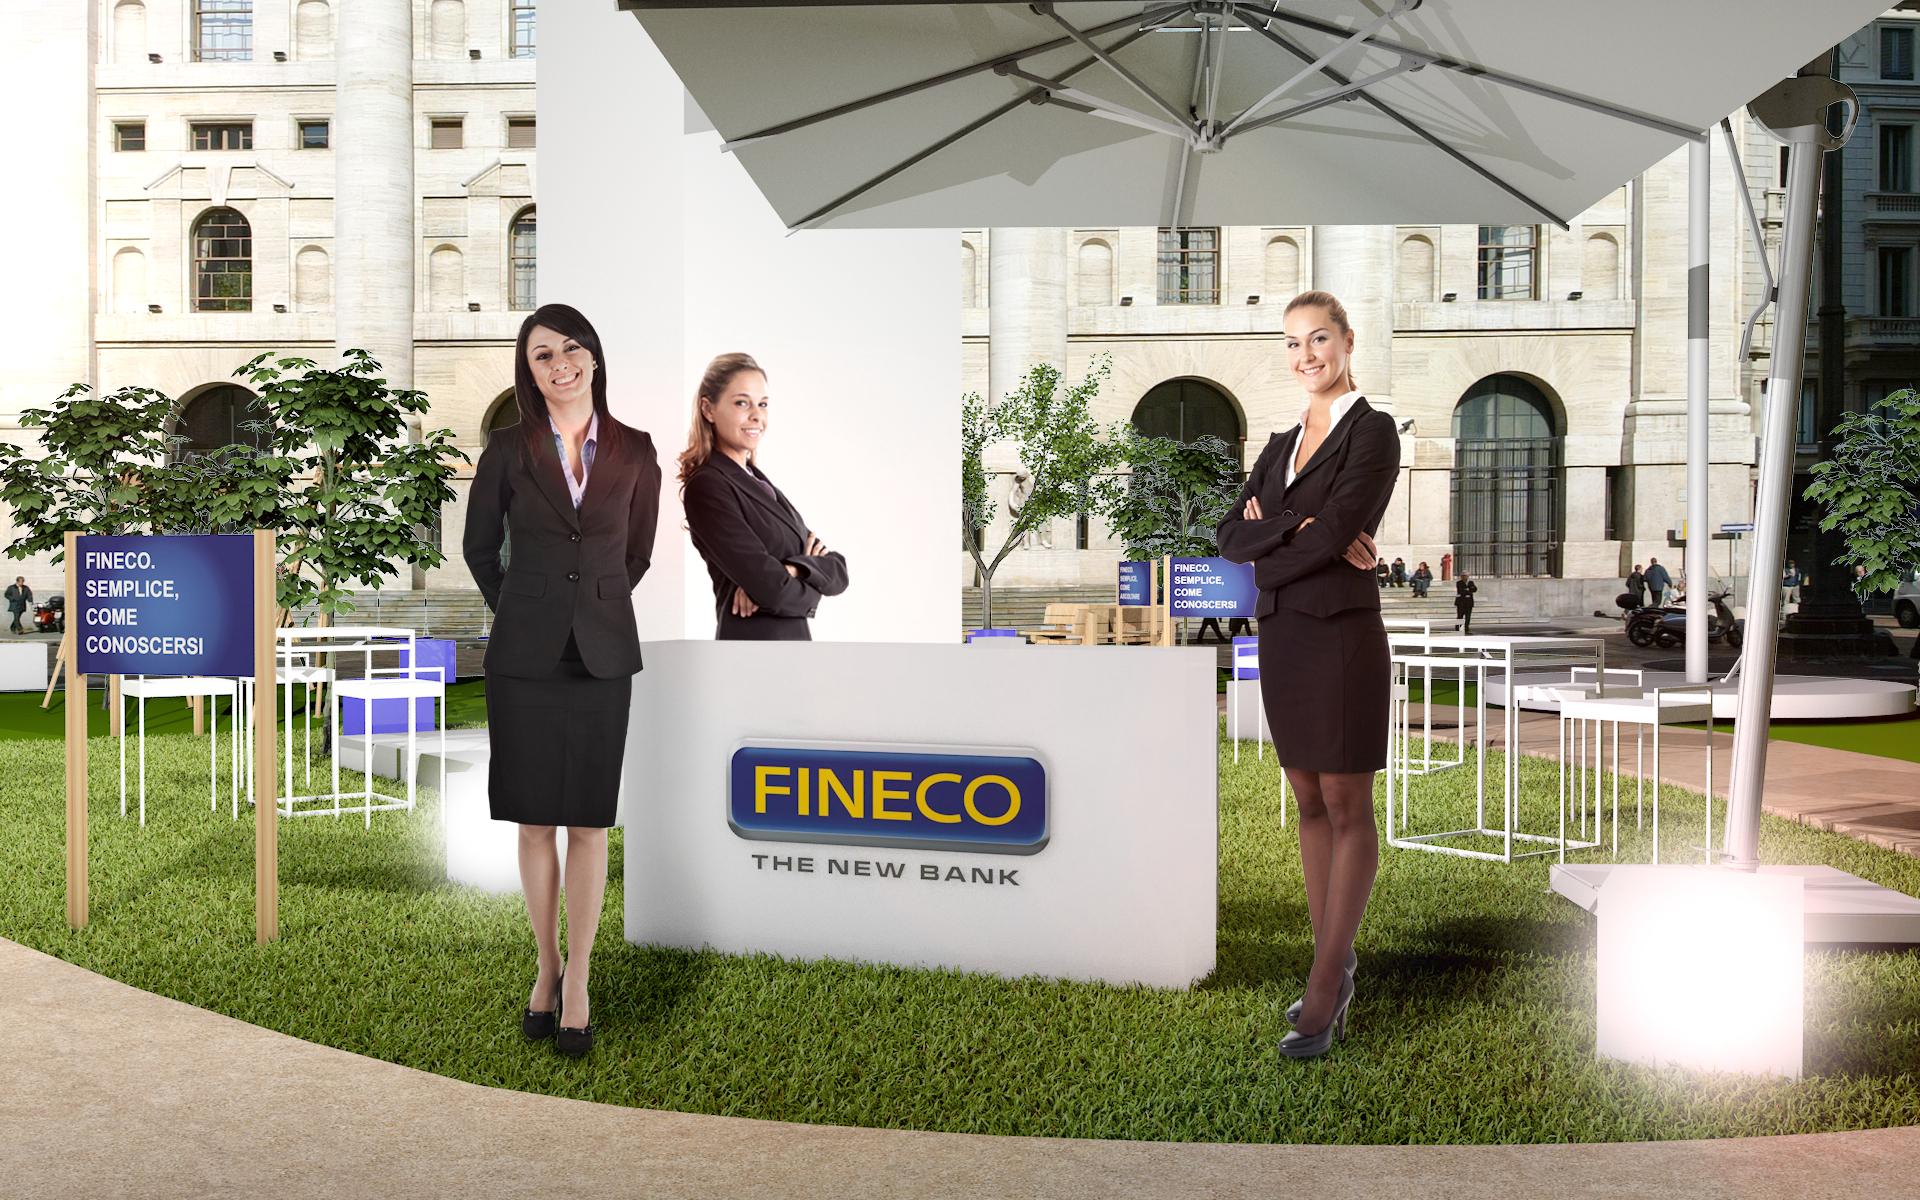 Fineco / meet